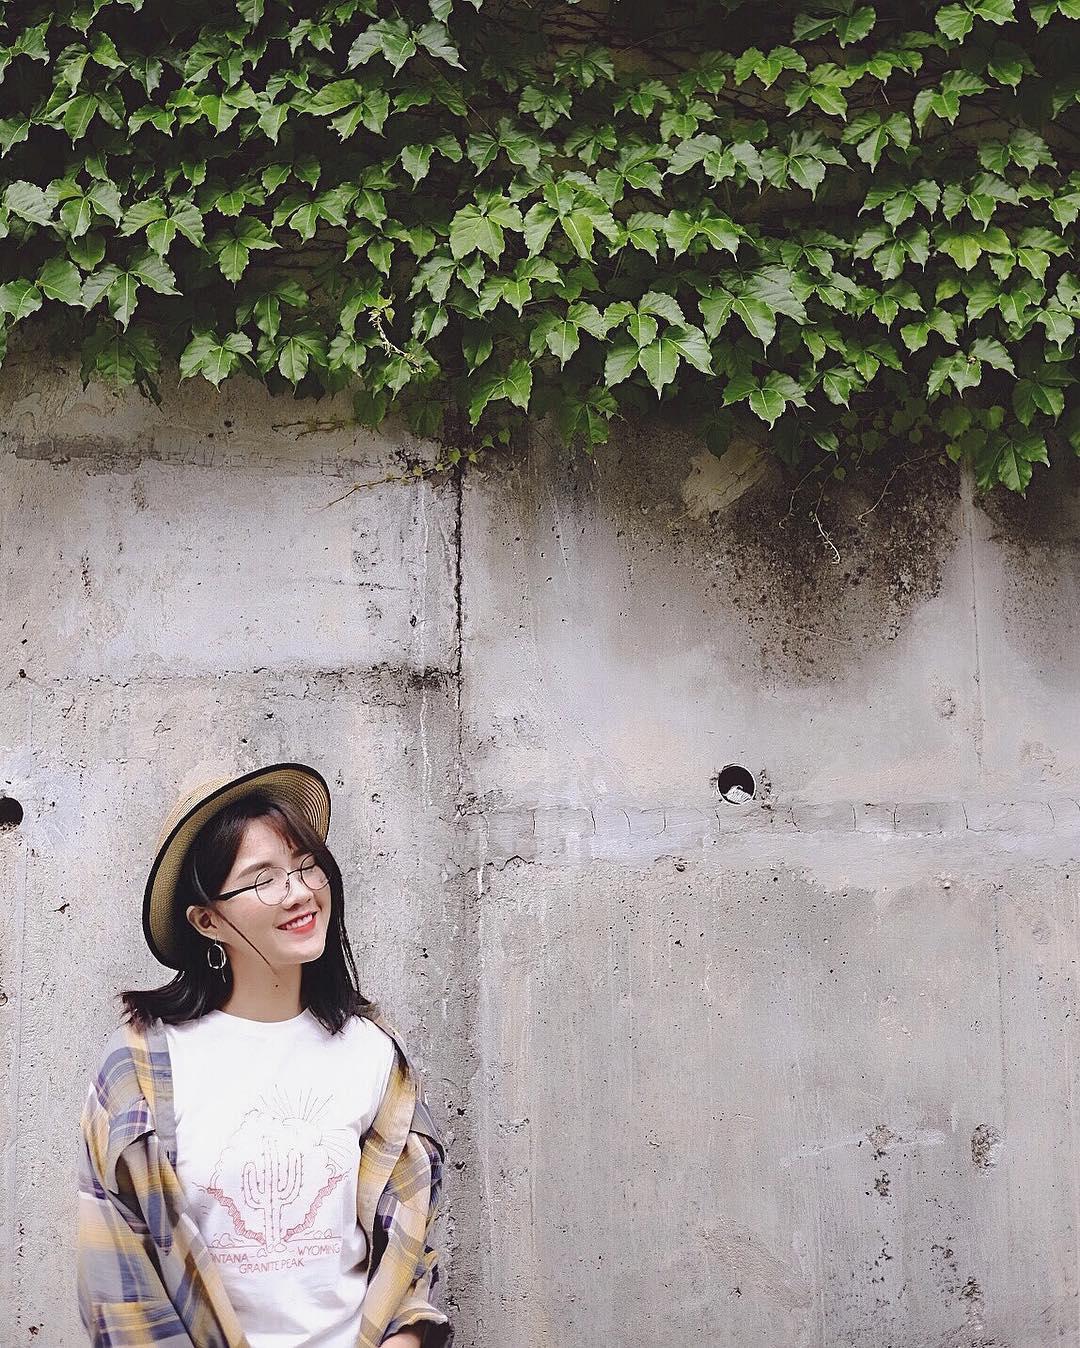 Con gái châu Á đang đồng loạt diện kính cận gọng tròn mọt sách cute siêu cấp - Ảnh 14.